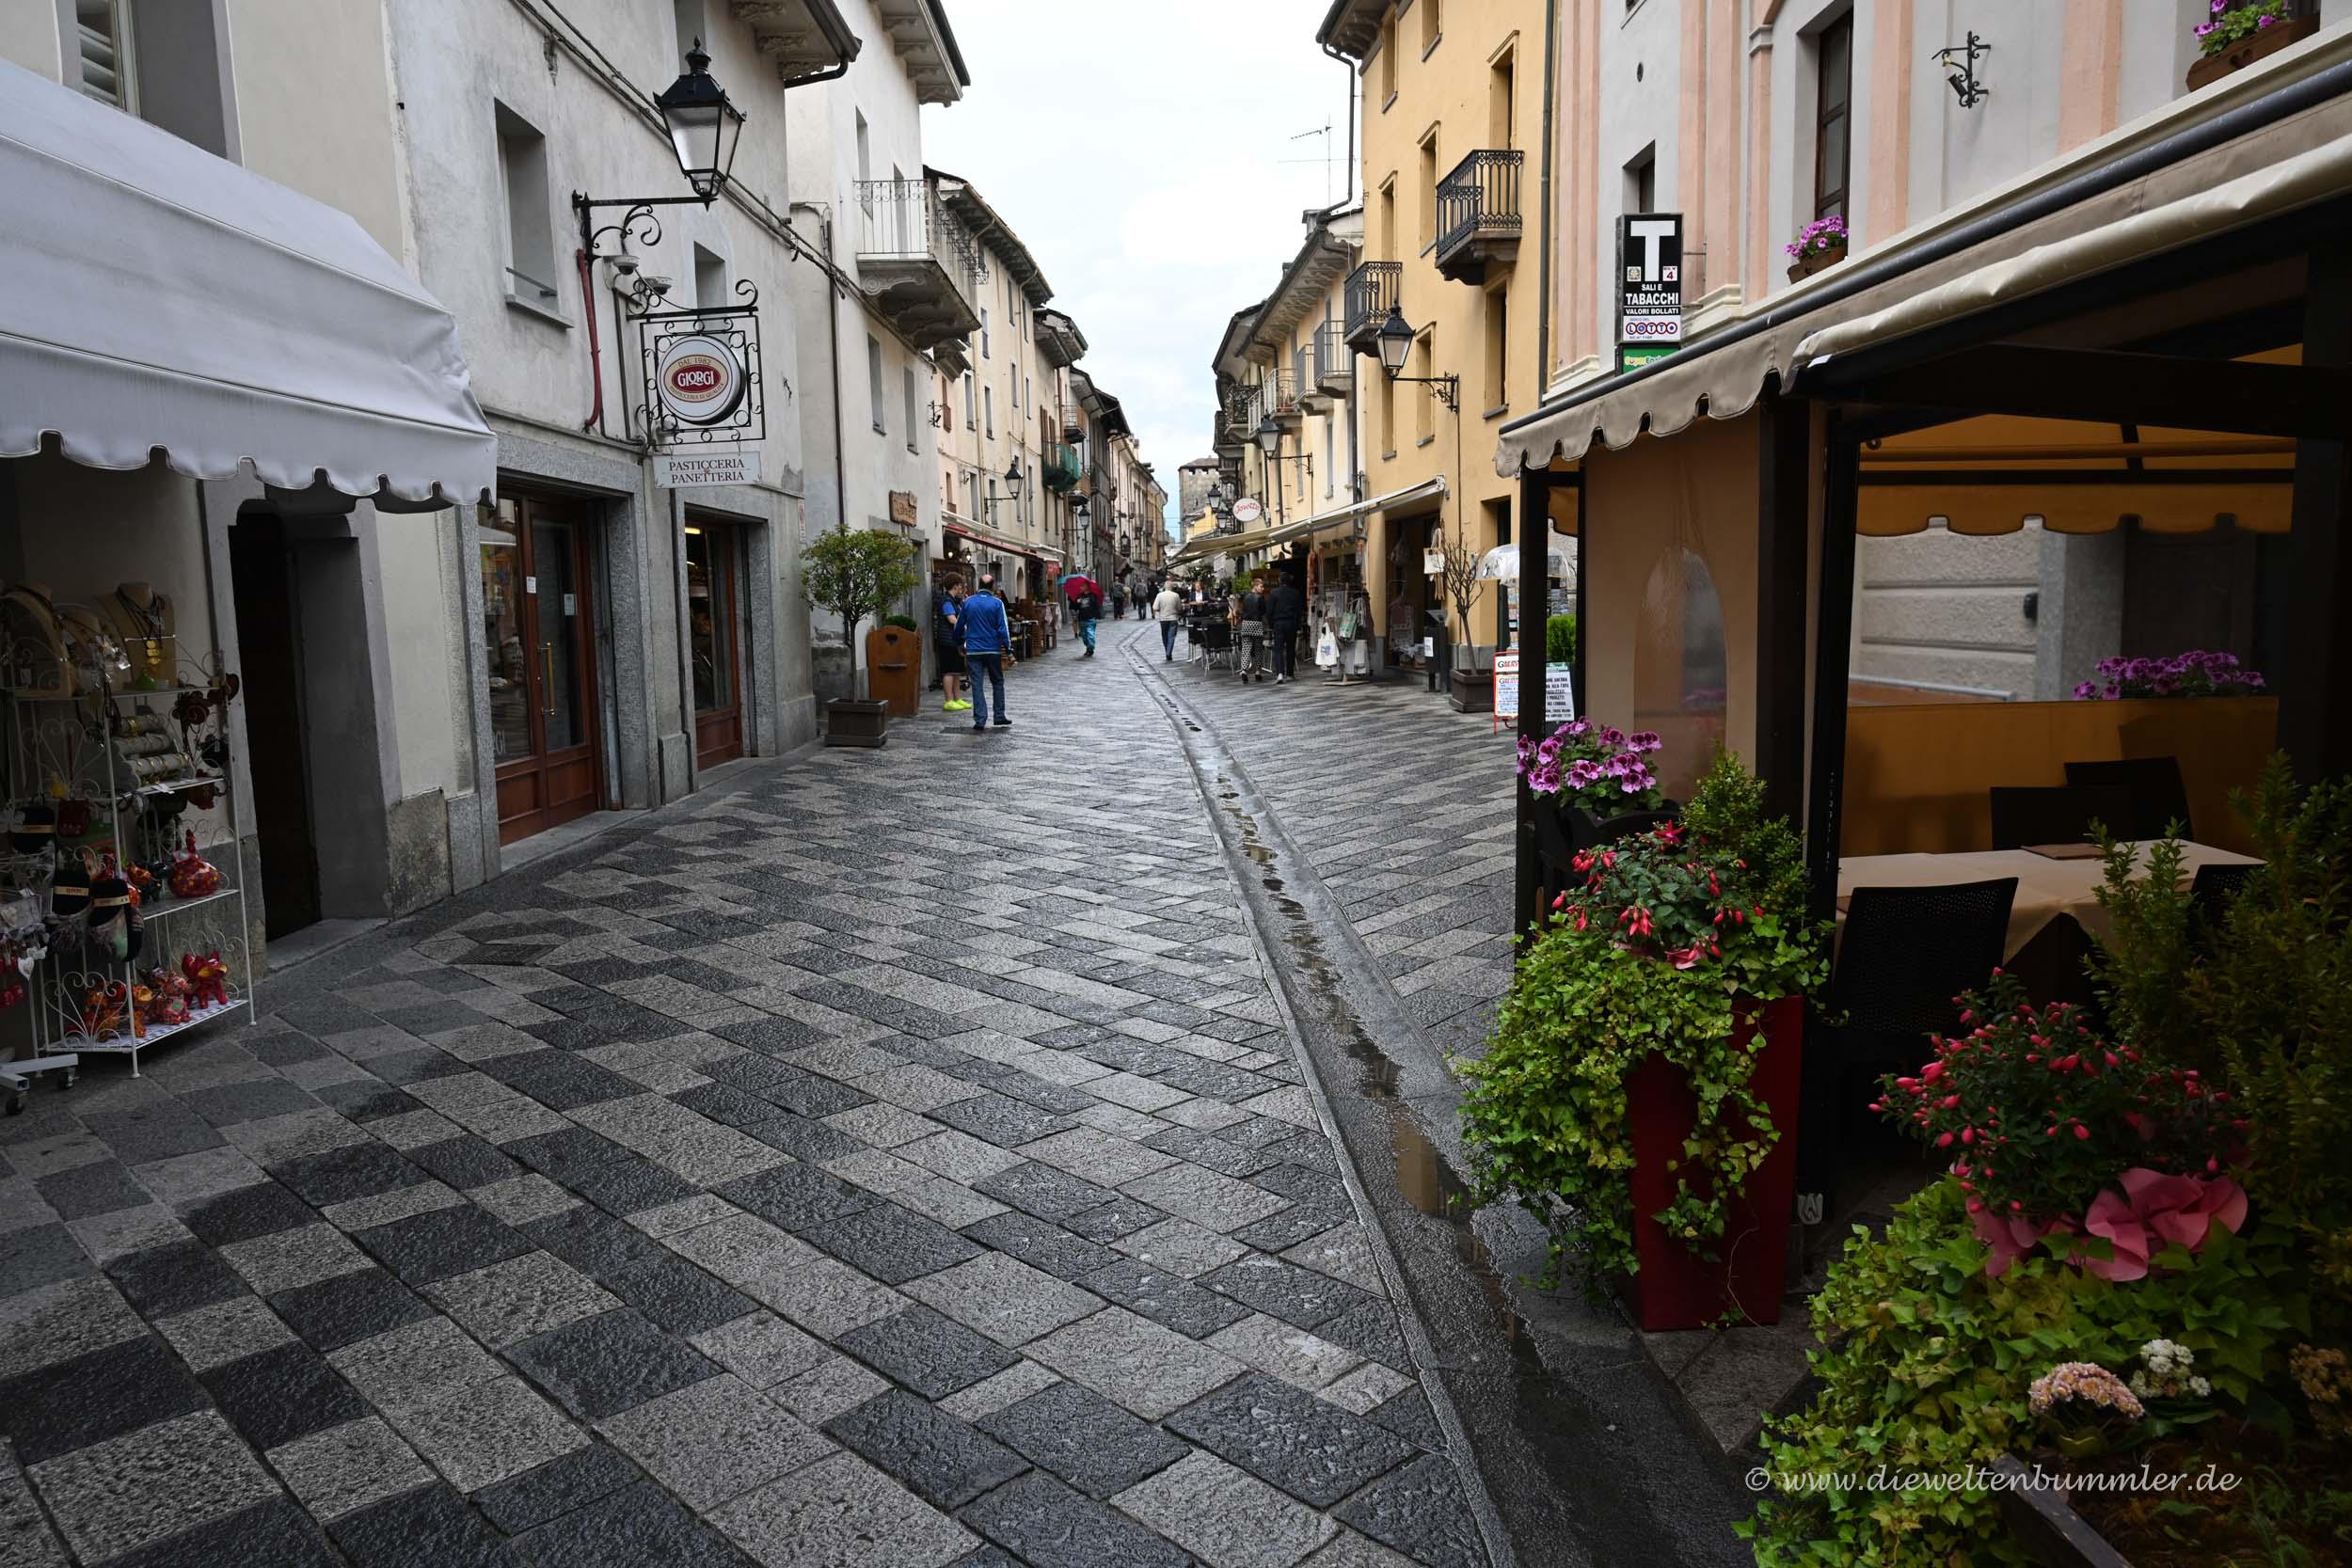 Fußgängerzone in Aosta